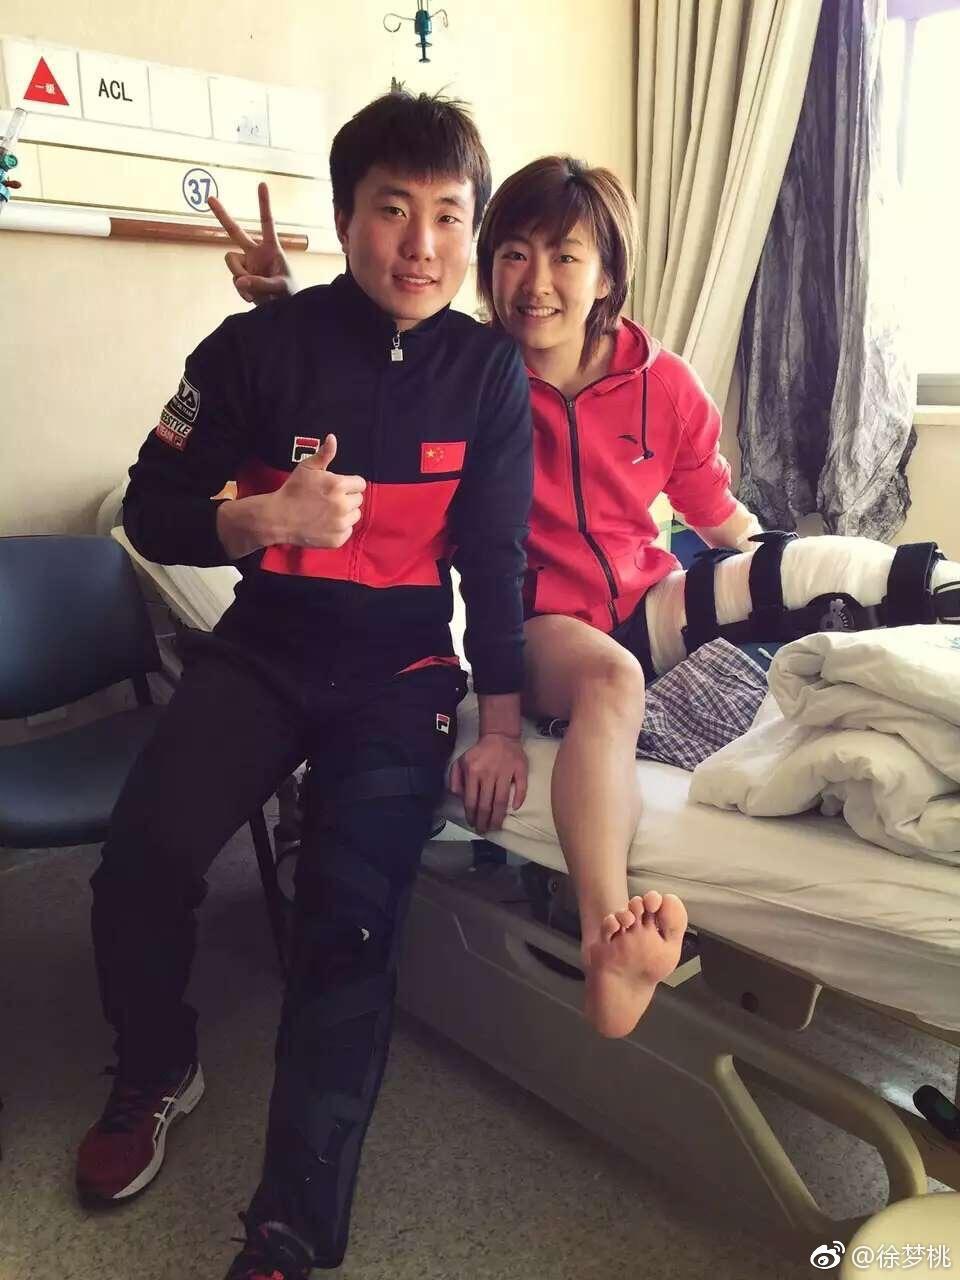 徐梦桃手术取钢钉巧遇队友称缘分 网友:在一起